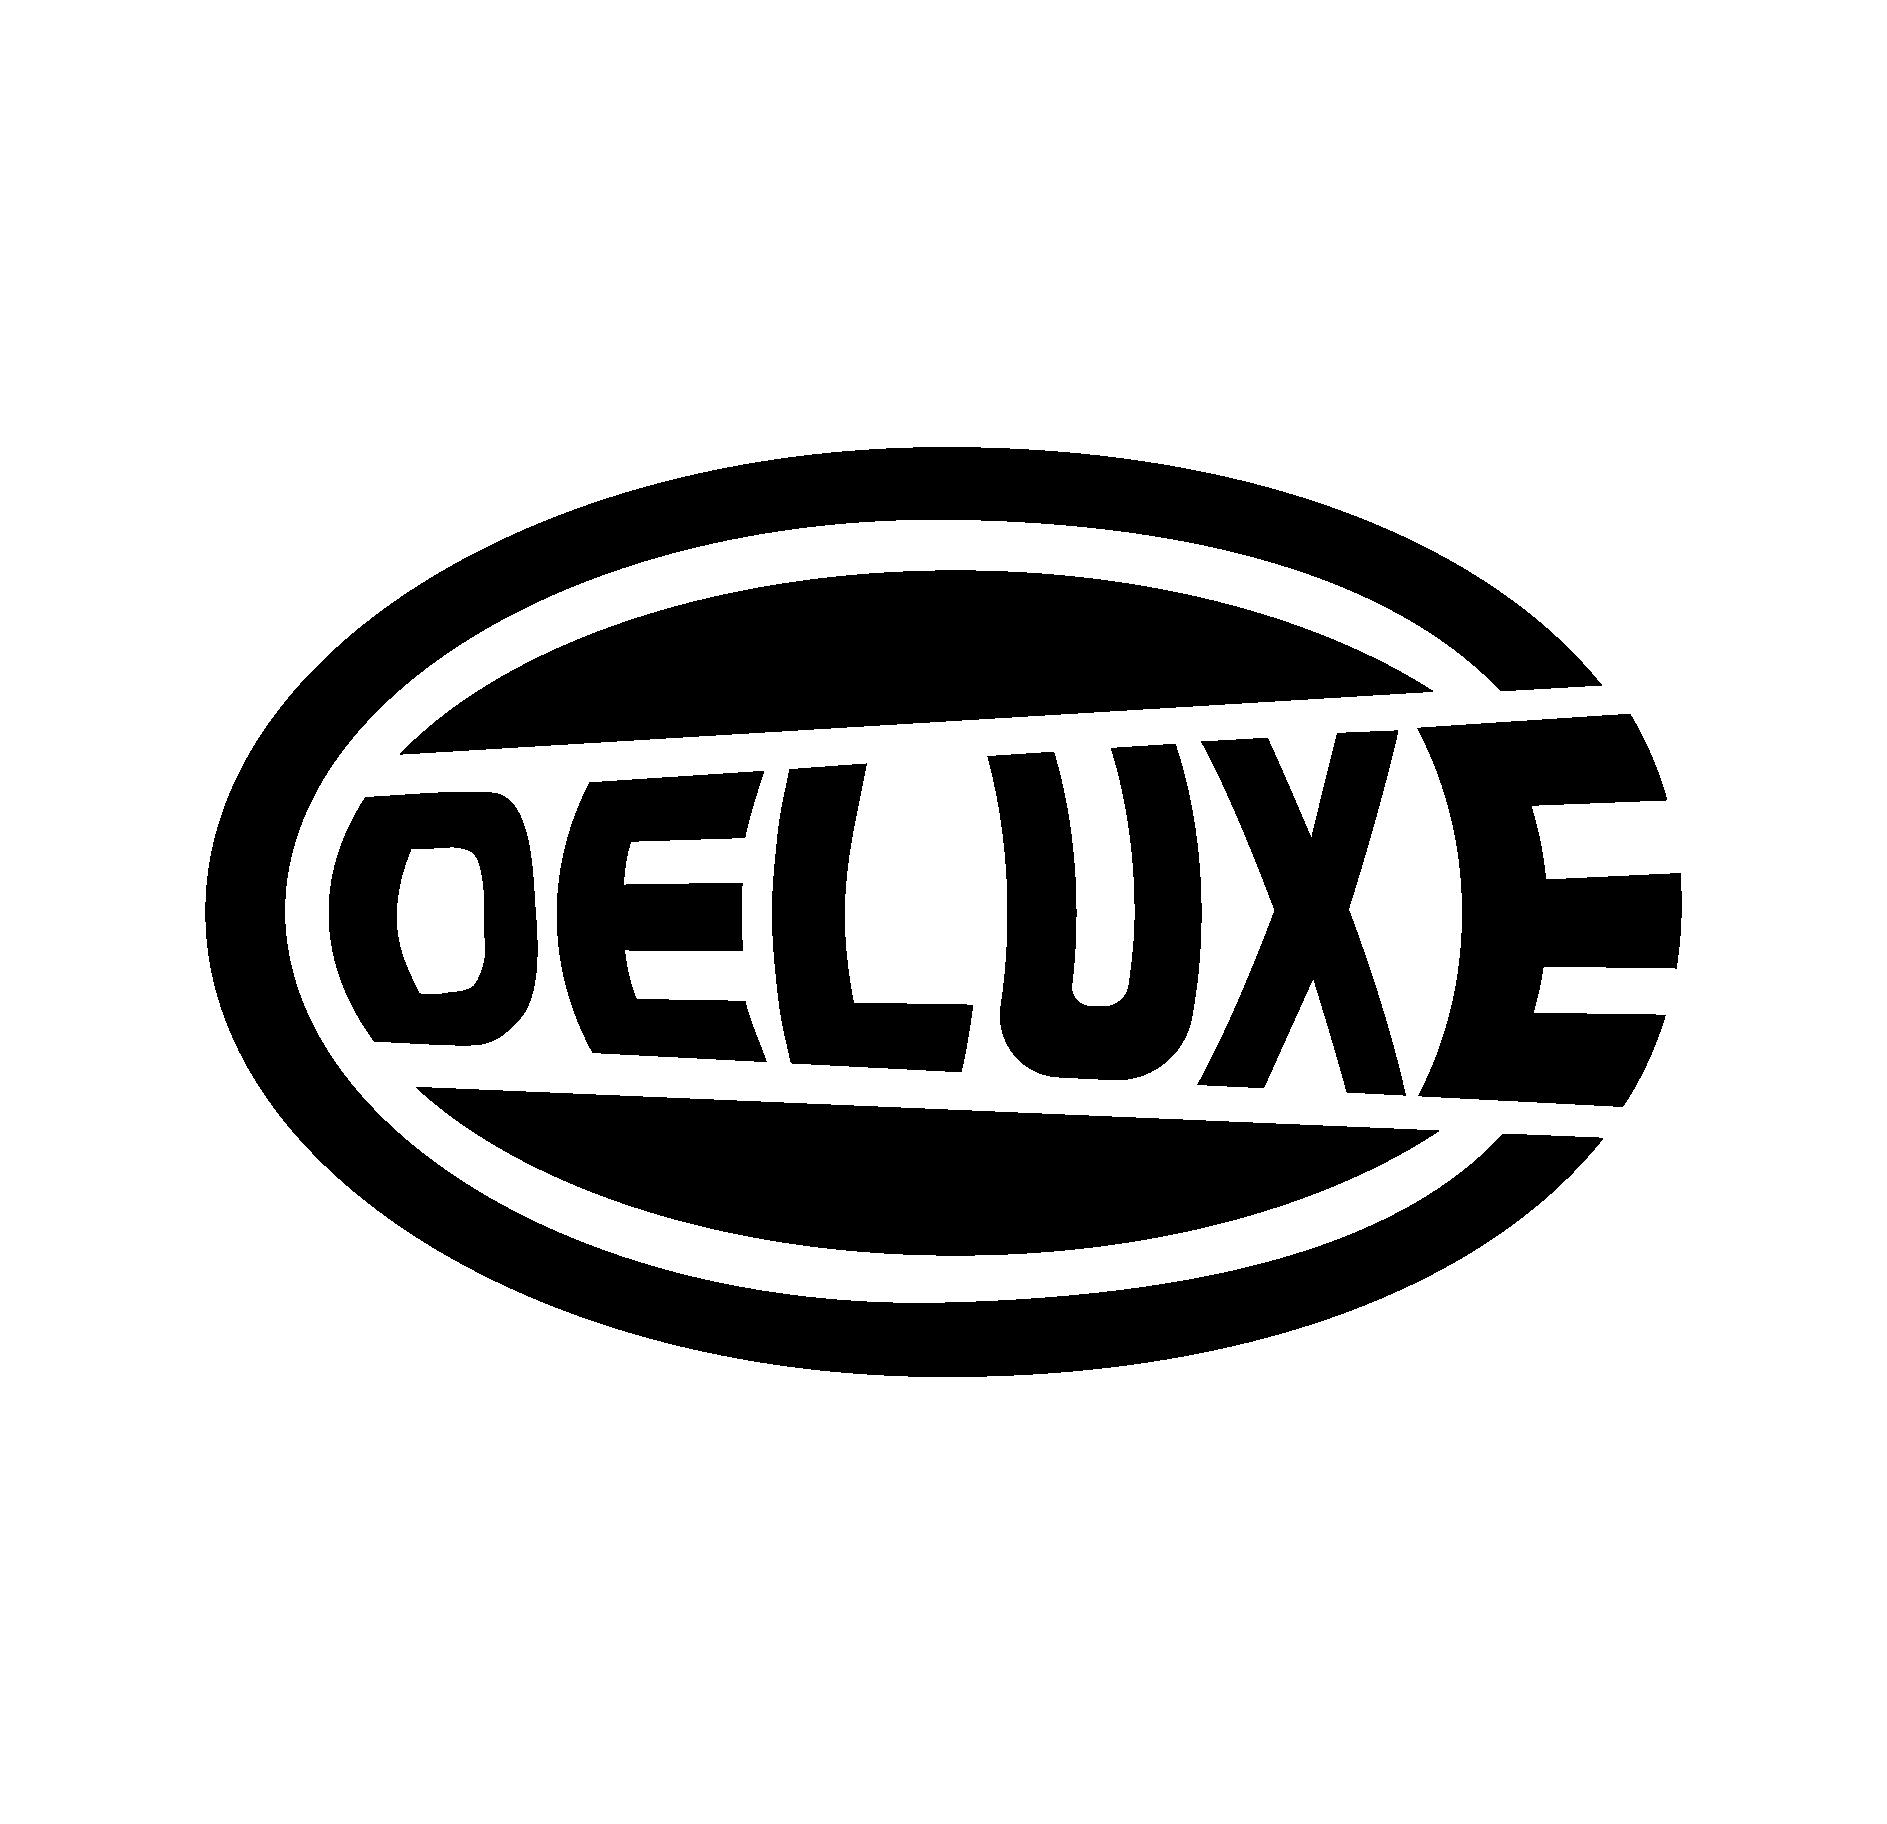 Deluxe Hella-01.png